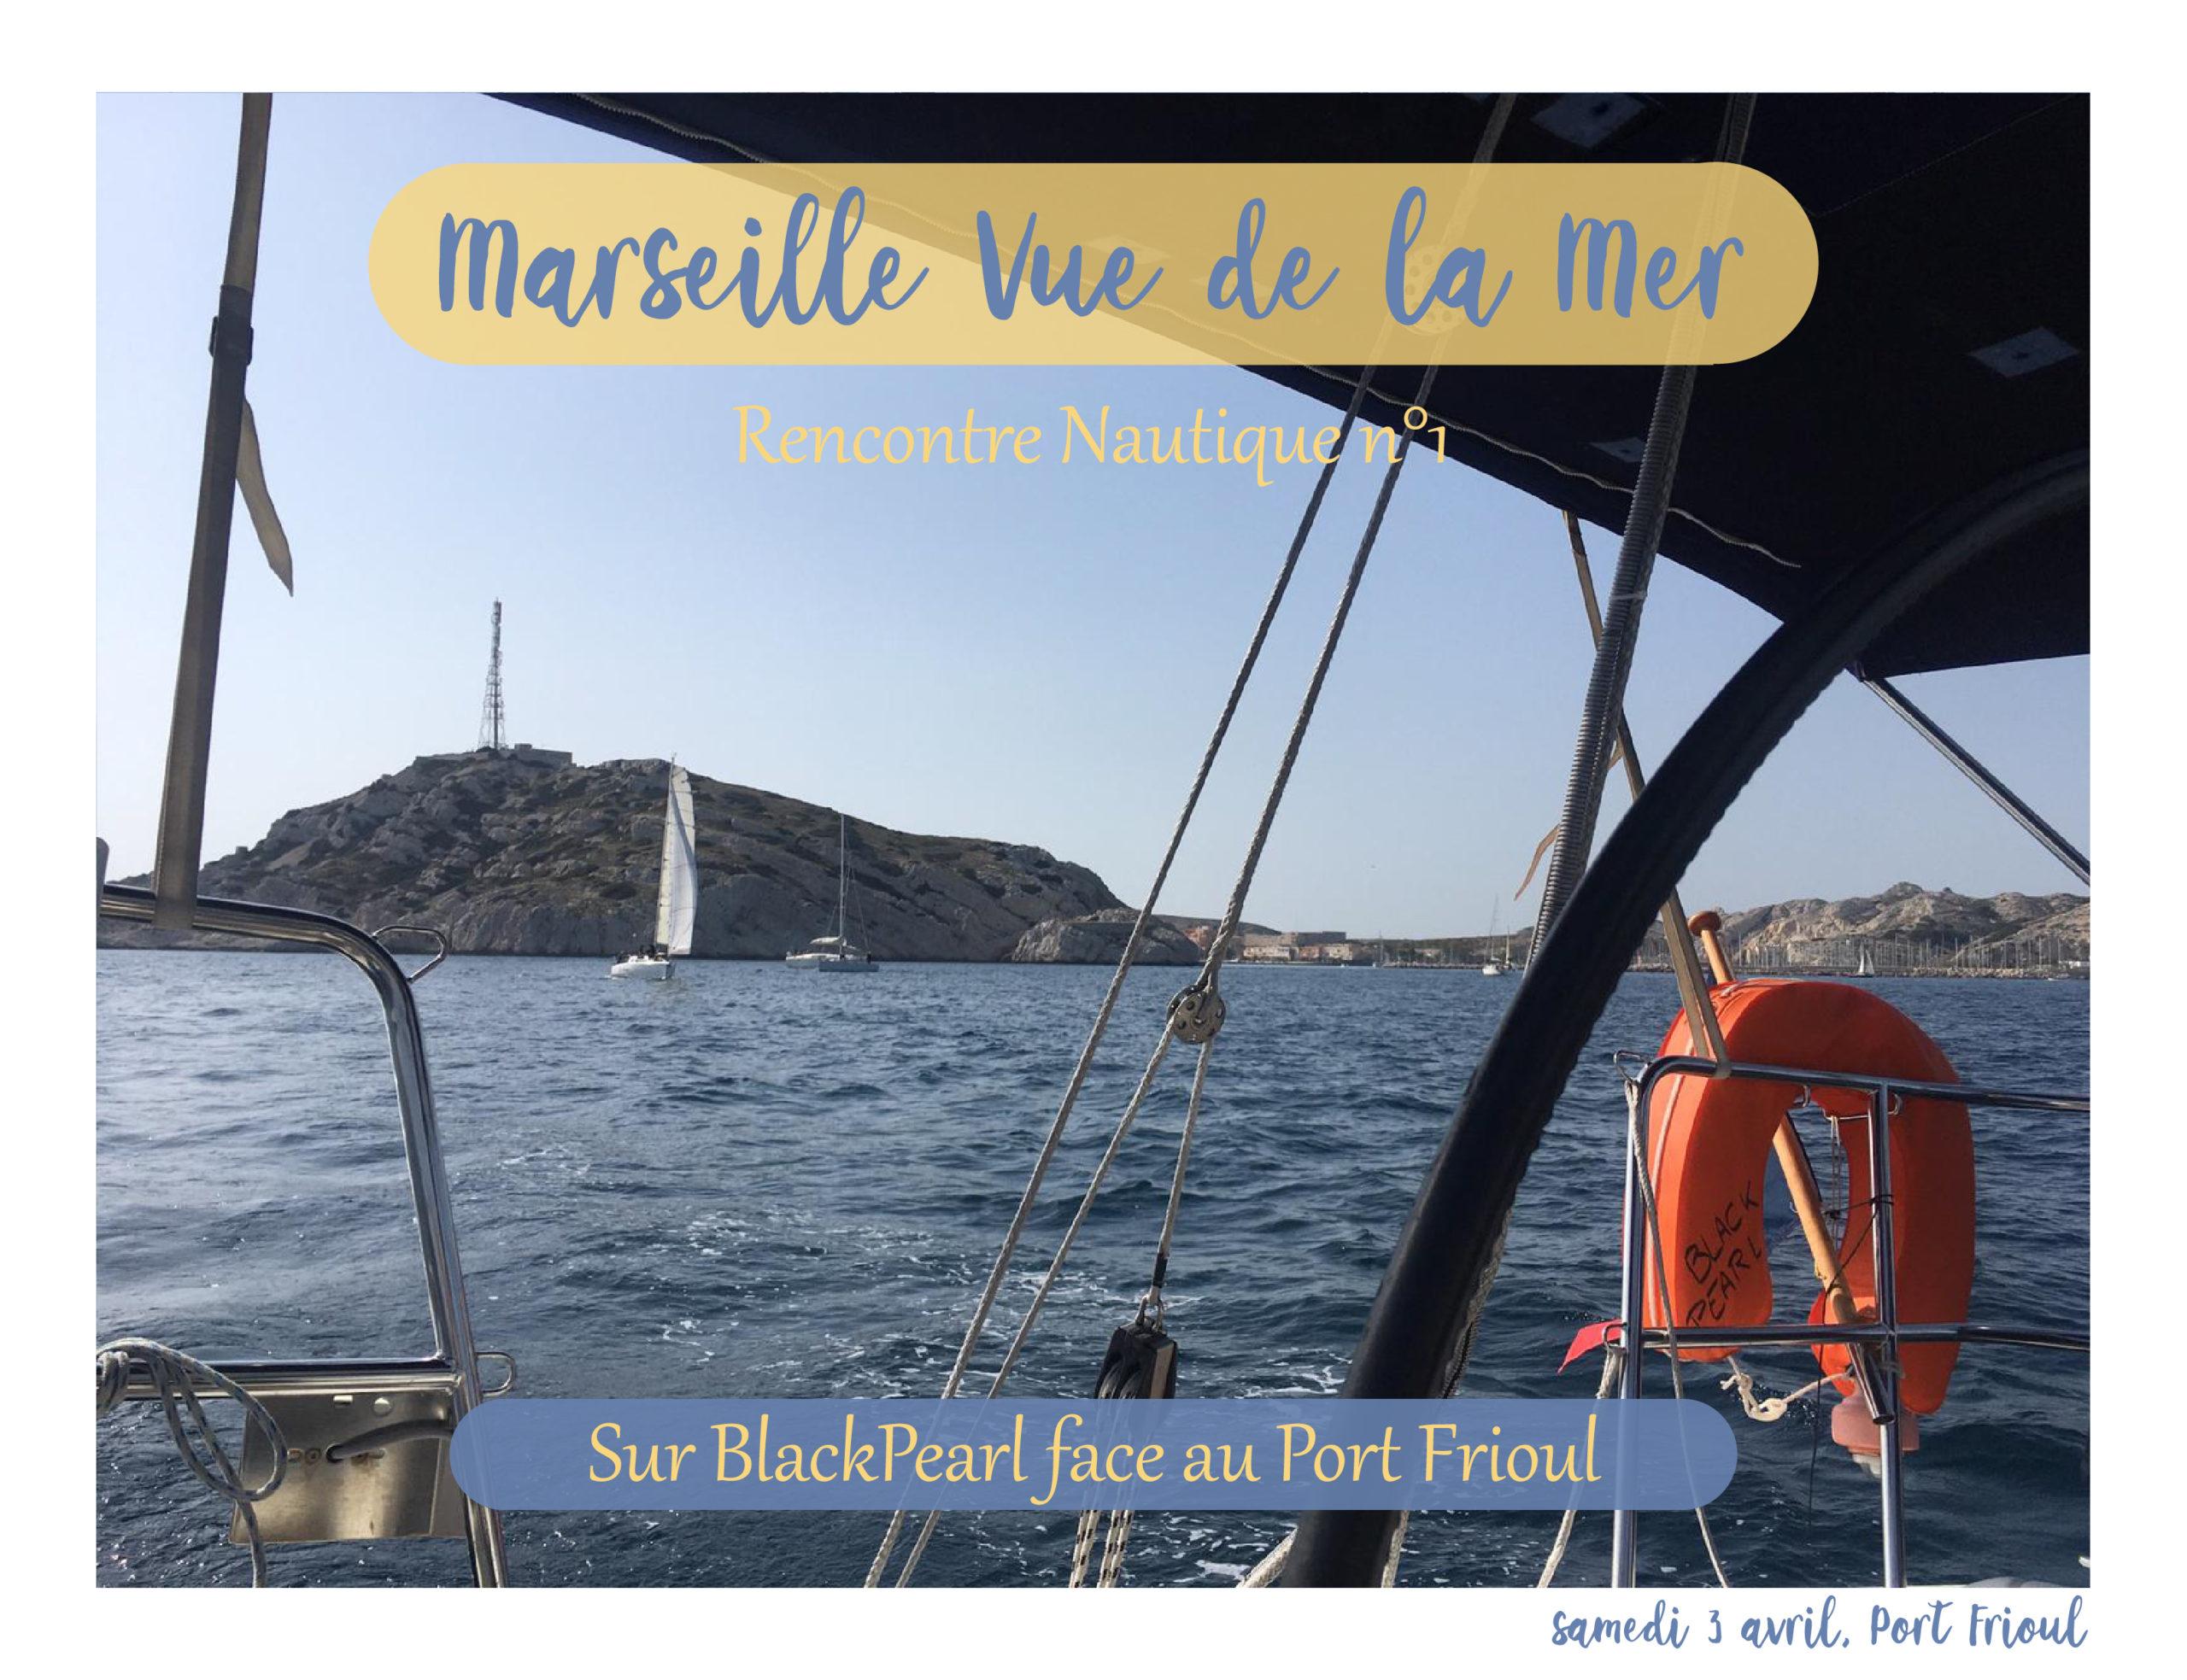 Marseille Vue Mer